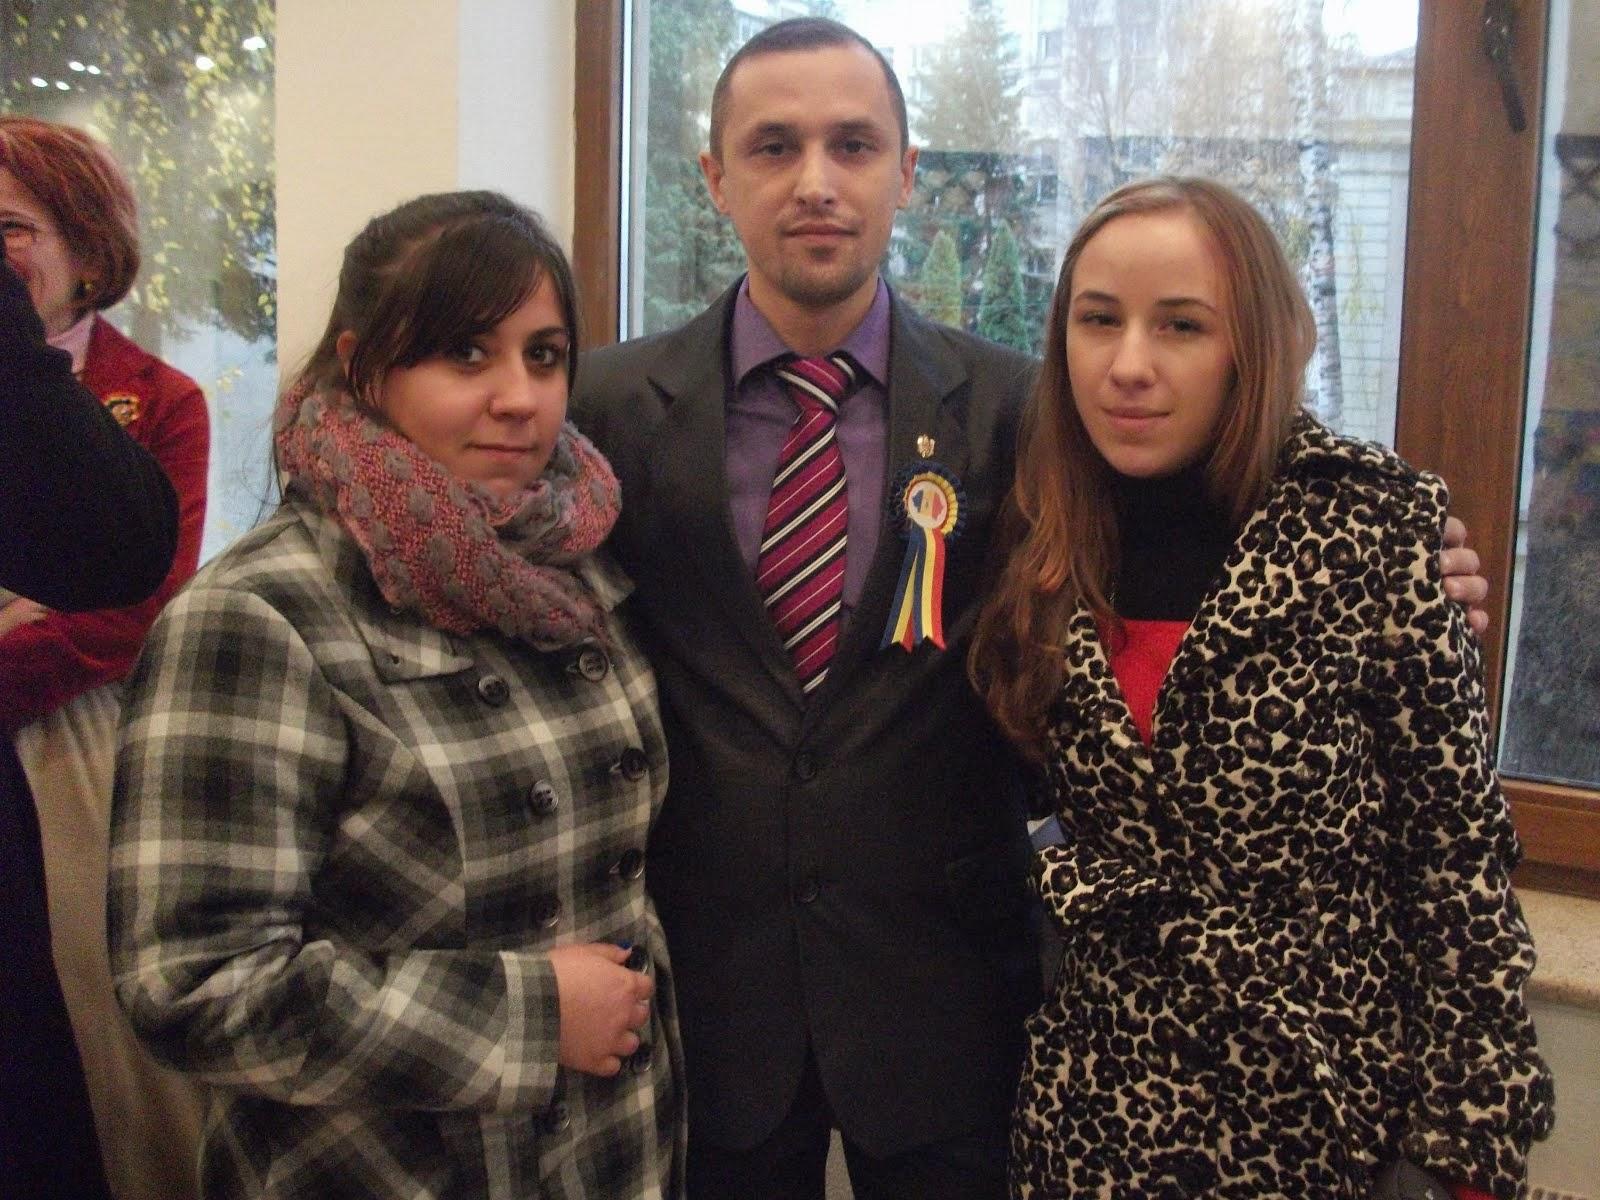 Alături de elevele Mihaela Ciudin şi Adelina Lupu-Toma, clasa a XII-a c, 29.11.2013...